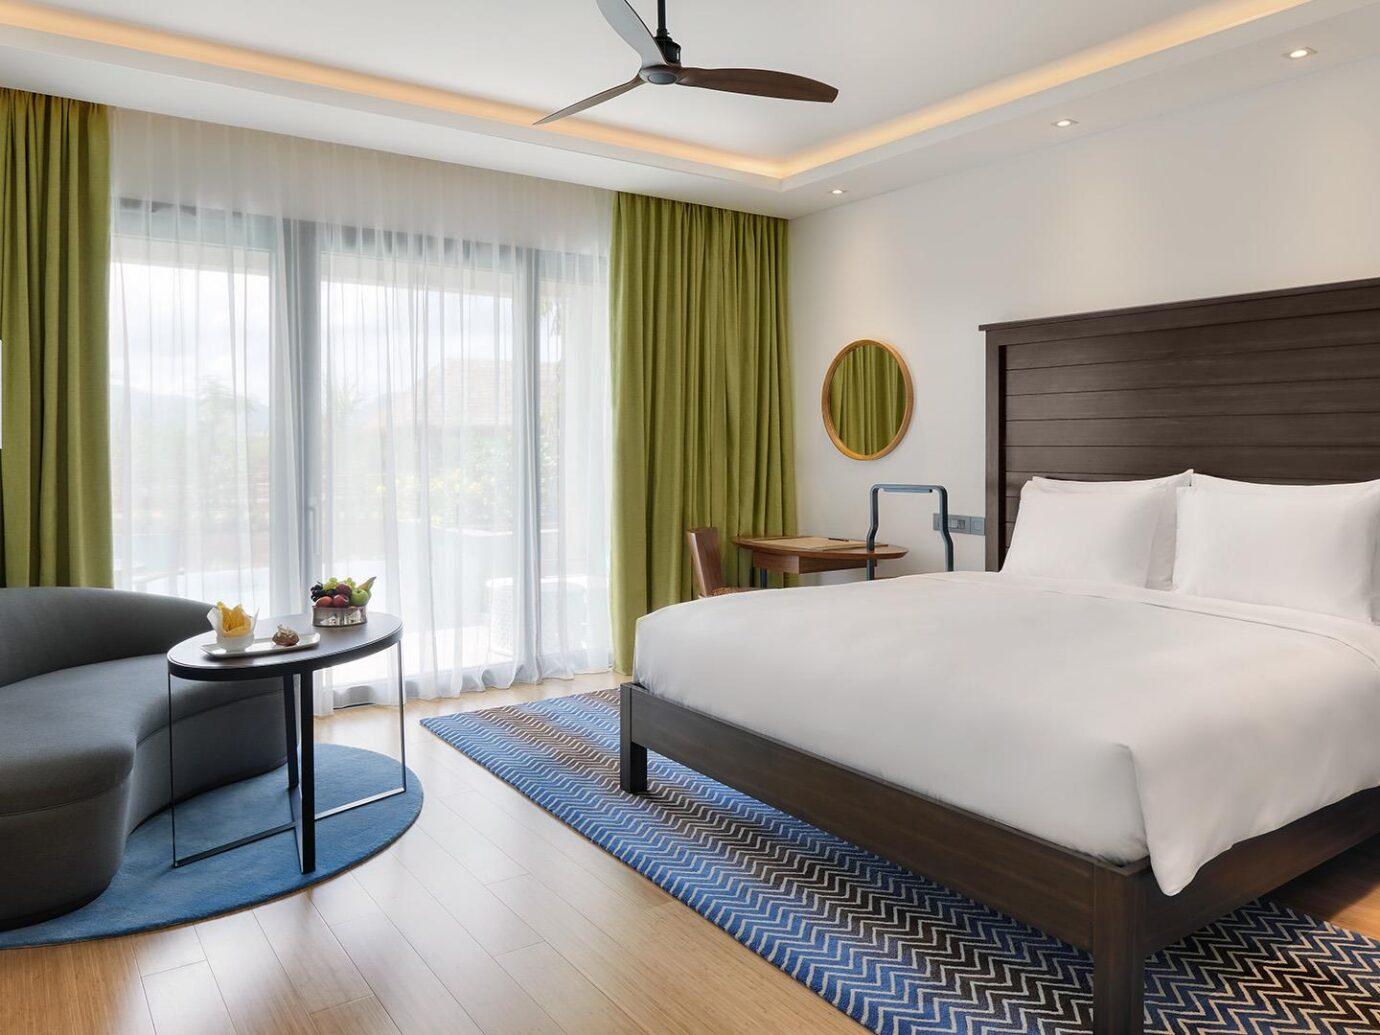 Bedroom at Cabrits Resort & Spa Kempinski